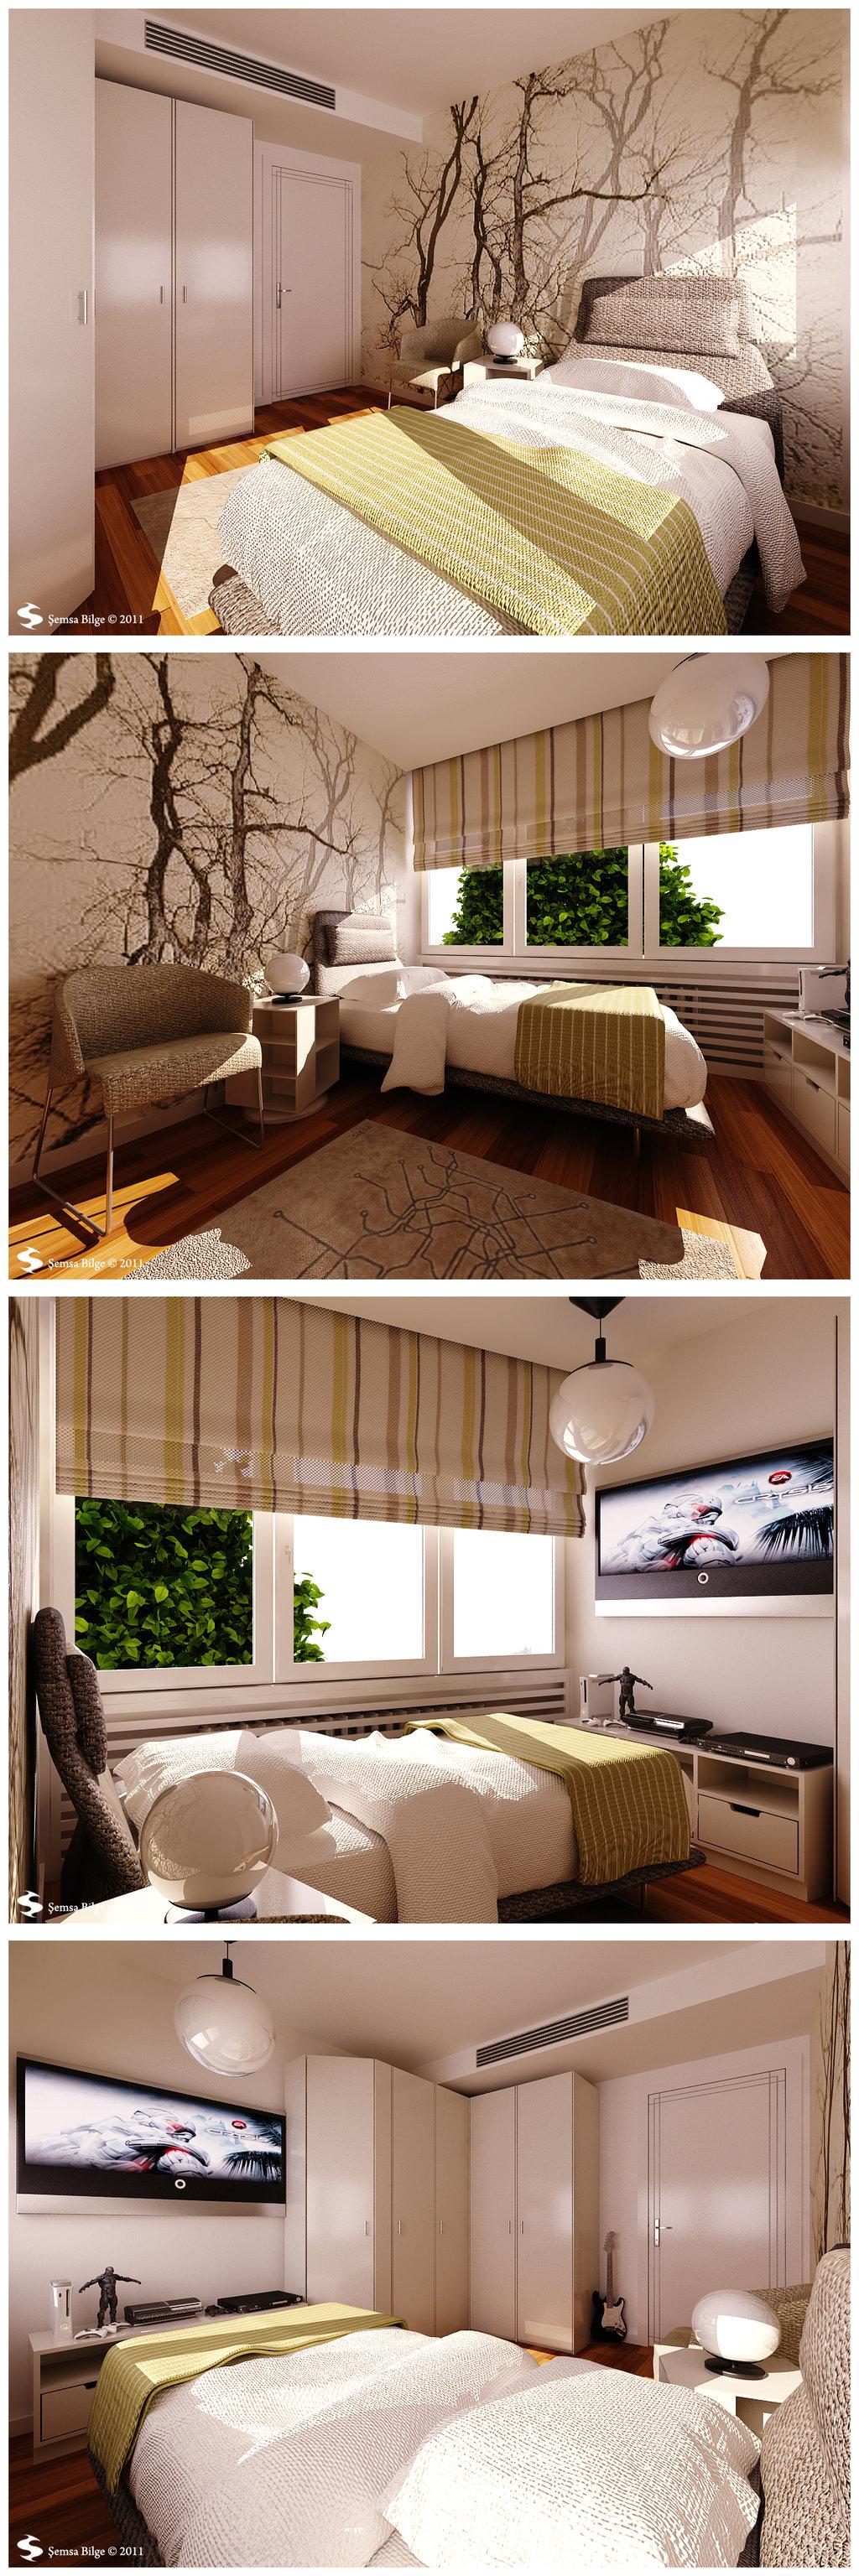 Istanbul House Teenage Bedroom 1 Visualisation